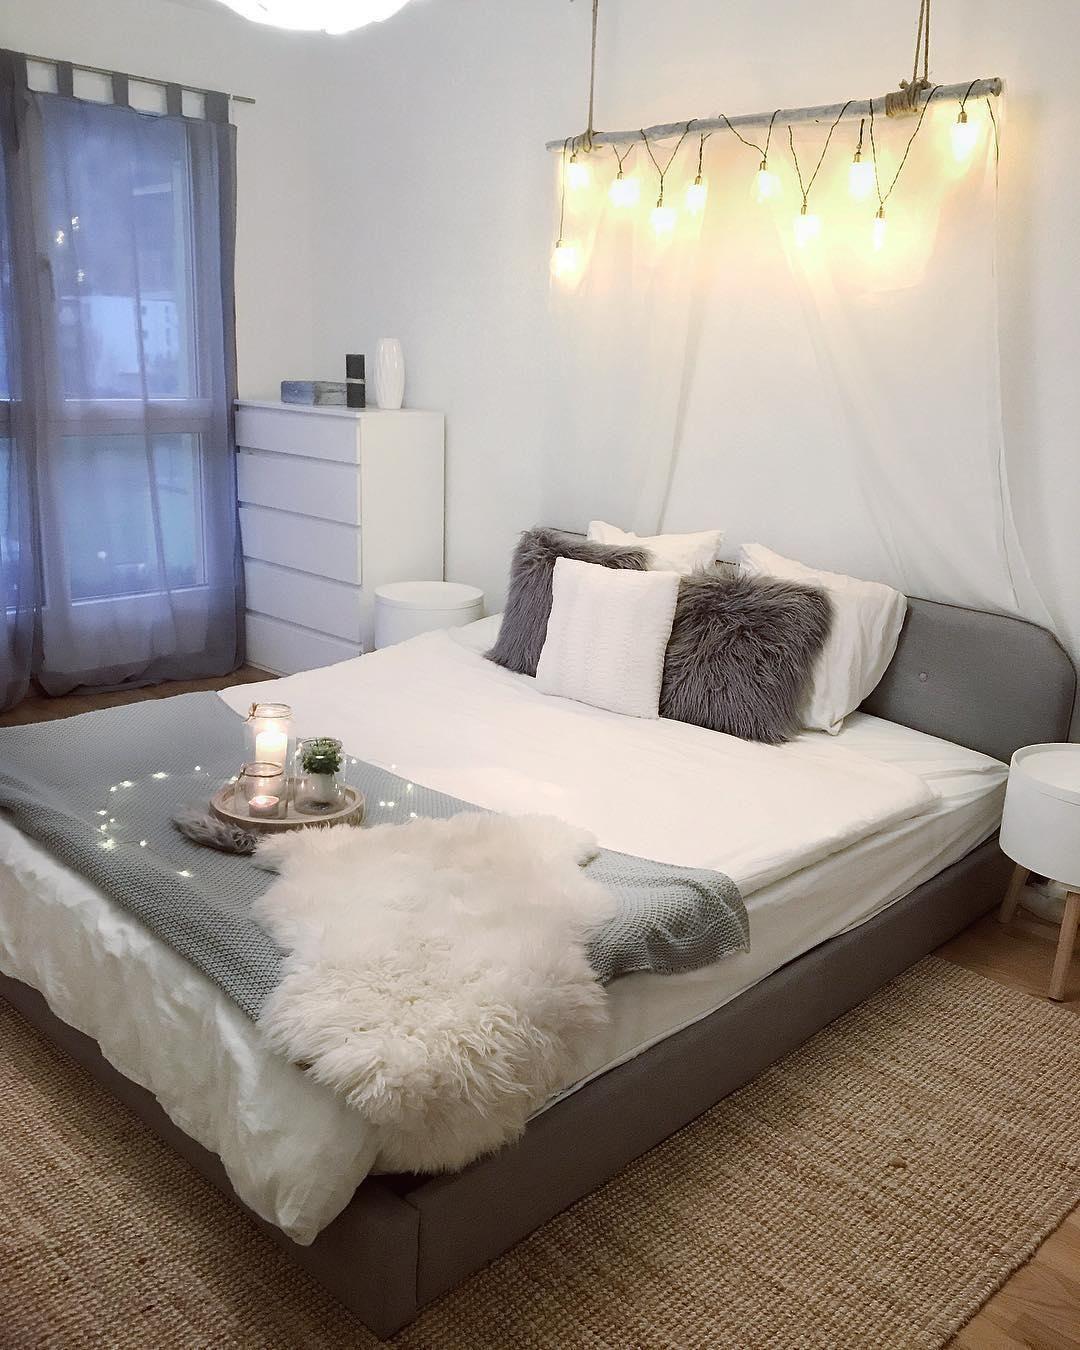 bedroom goals in diesem traumhaften schlafzimmer sind s e tr ume vorprogrammiert. Black Bedroom Furniture Sets. Home Design Ideas